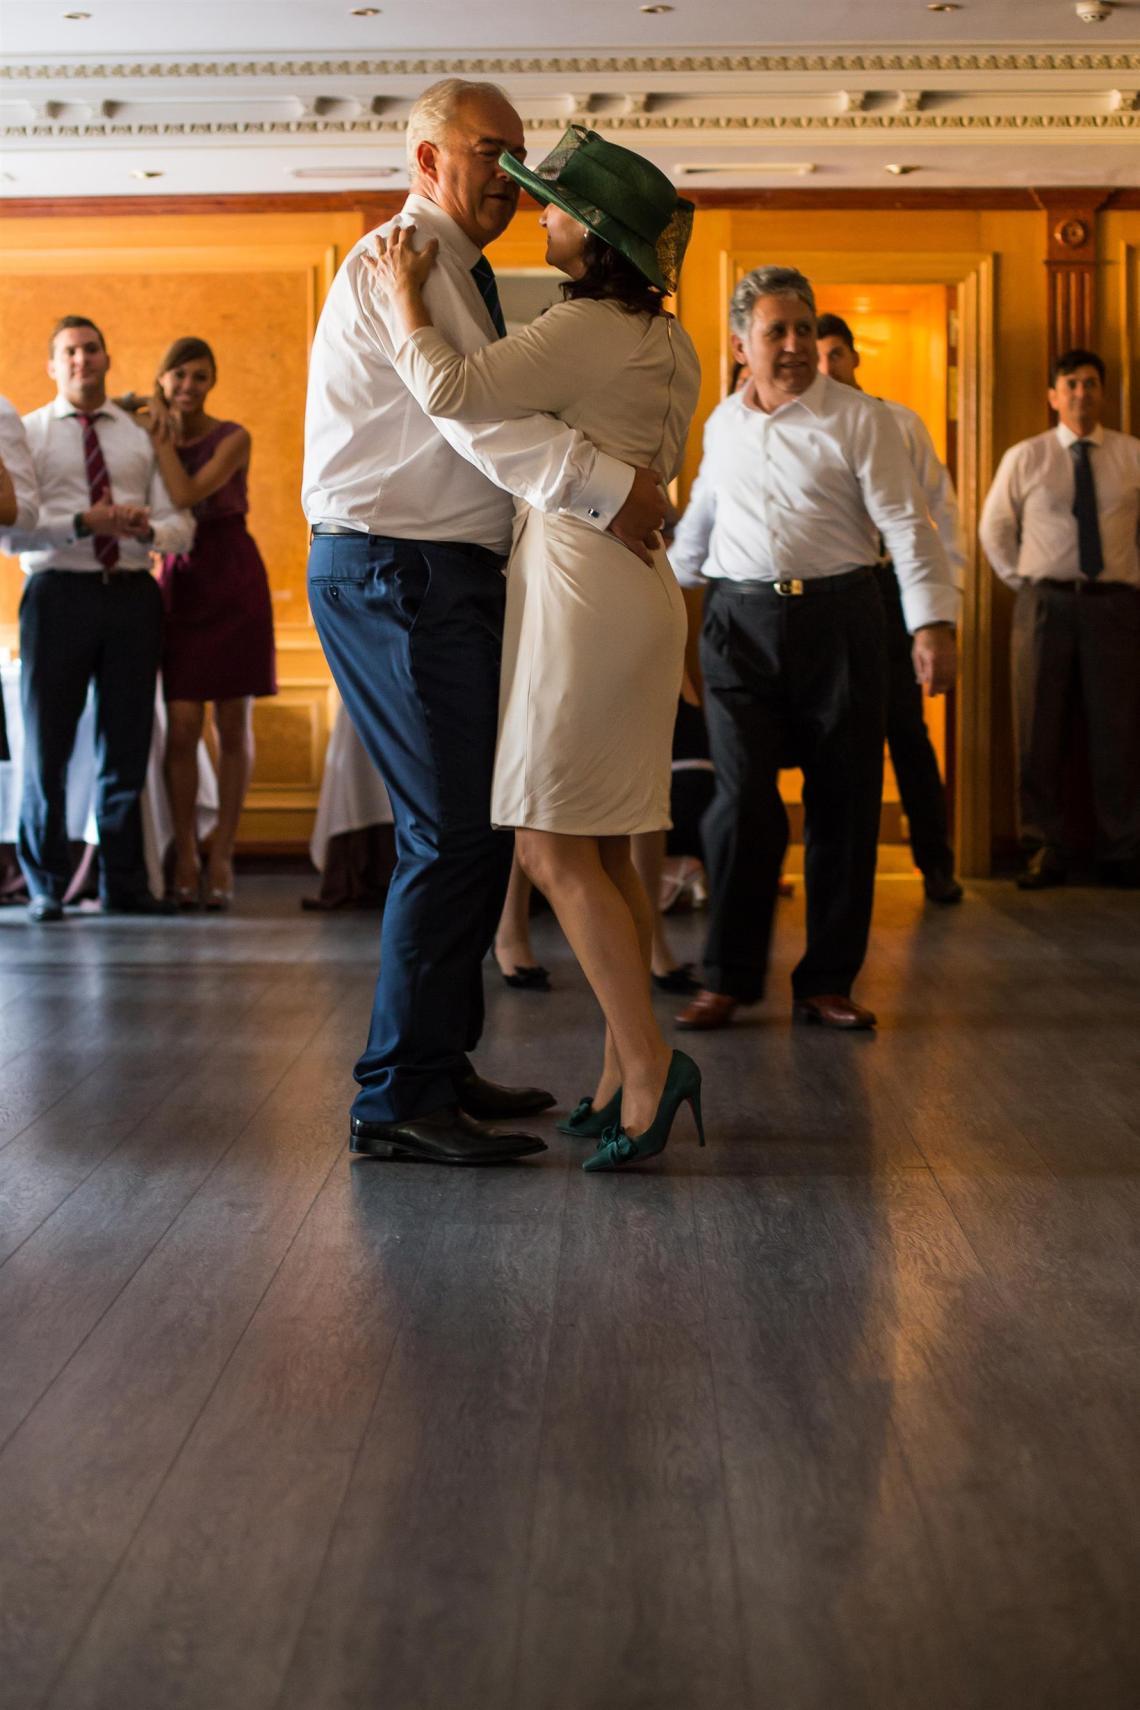 boda-espanola-sueca-ella-se-viste-de-blanco (38)